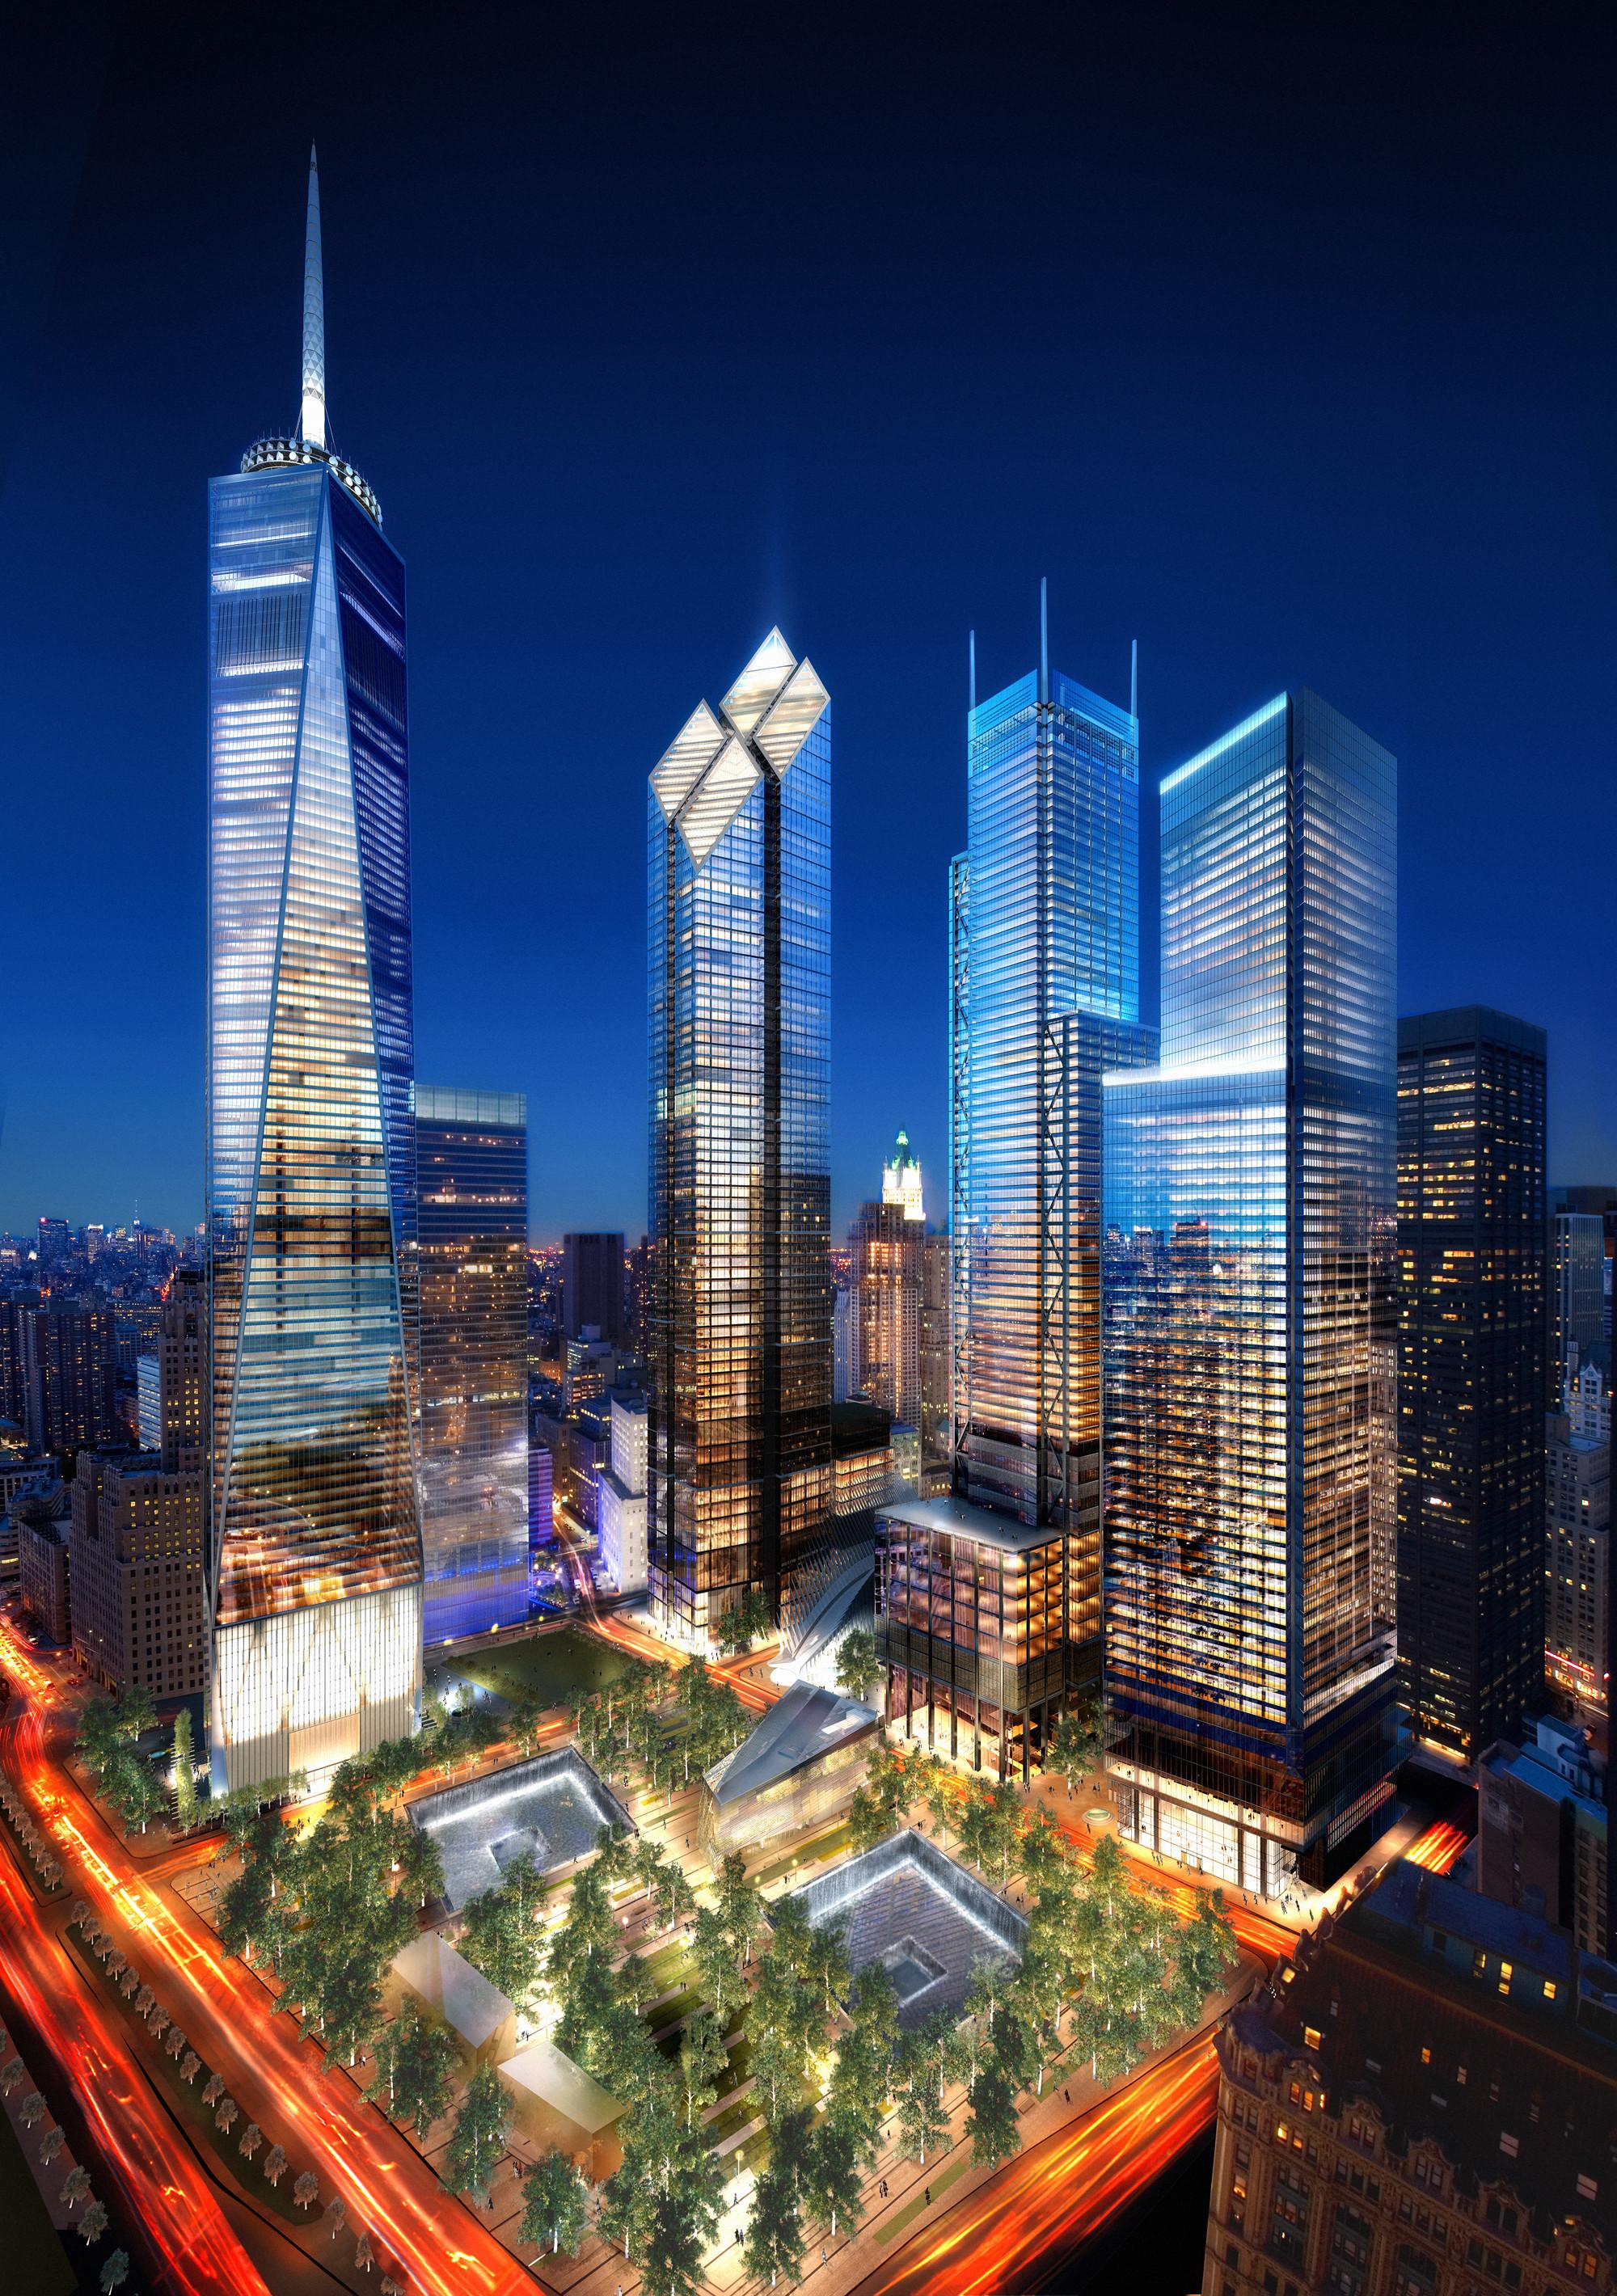 BIG rediseñaría torre originalmente propuesta por Foster + Partners para World Trade Center